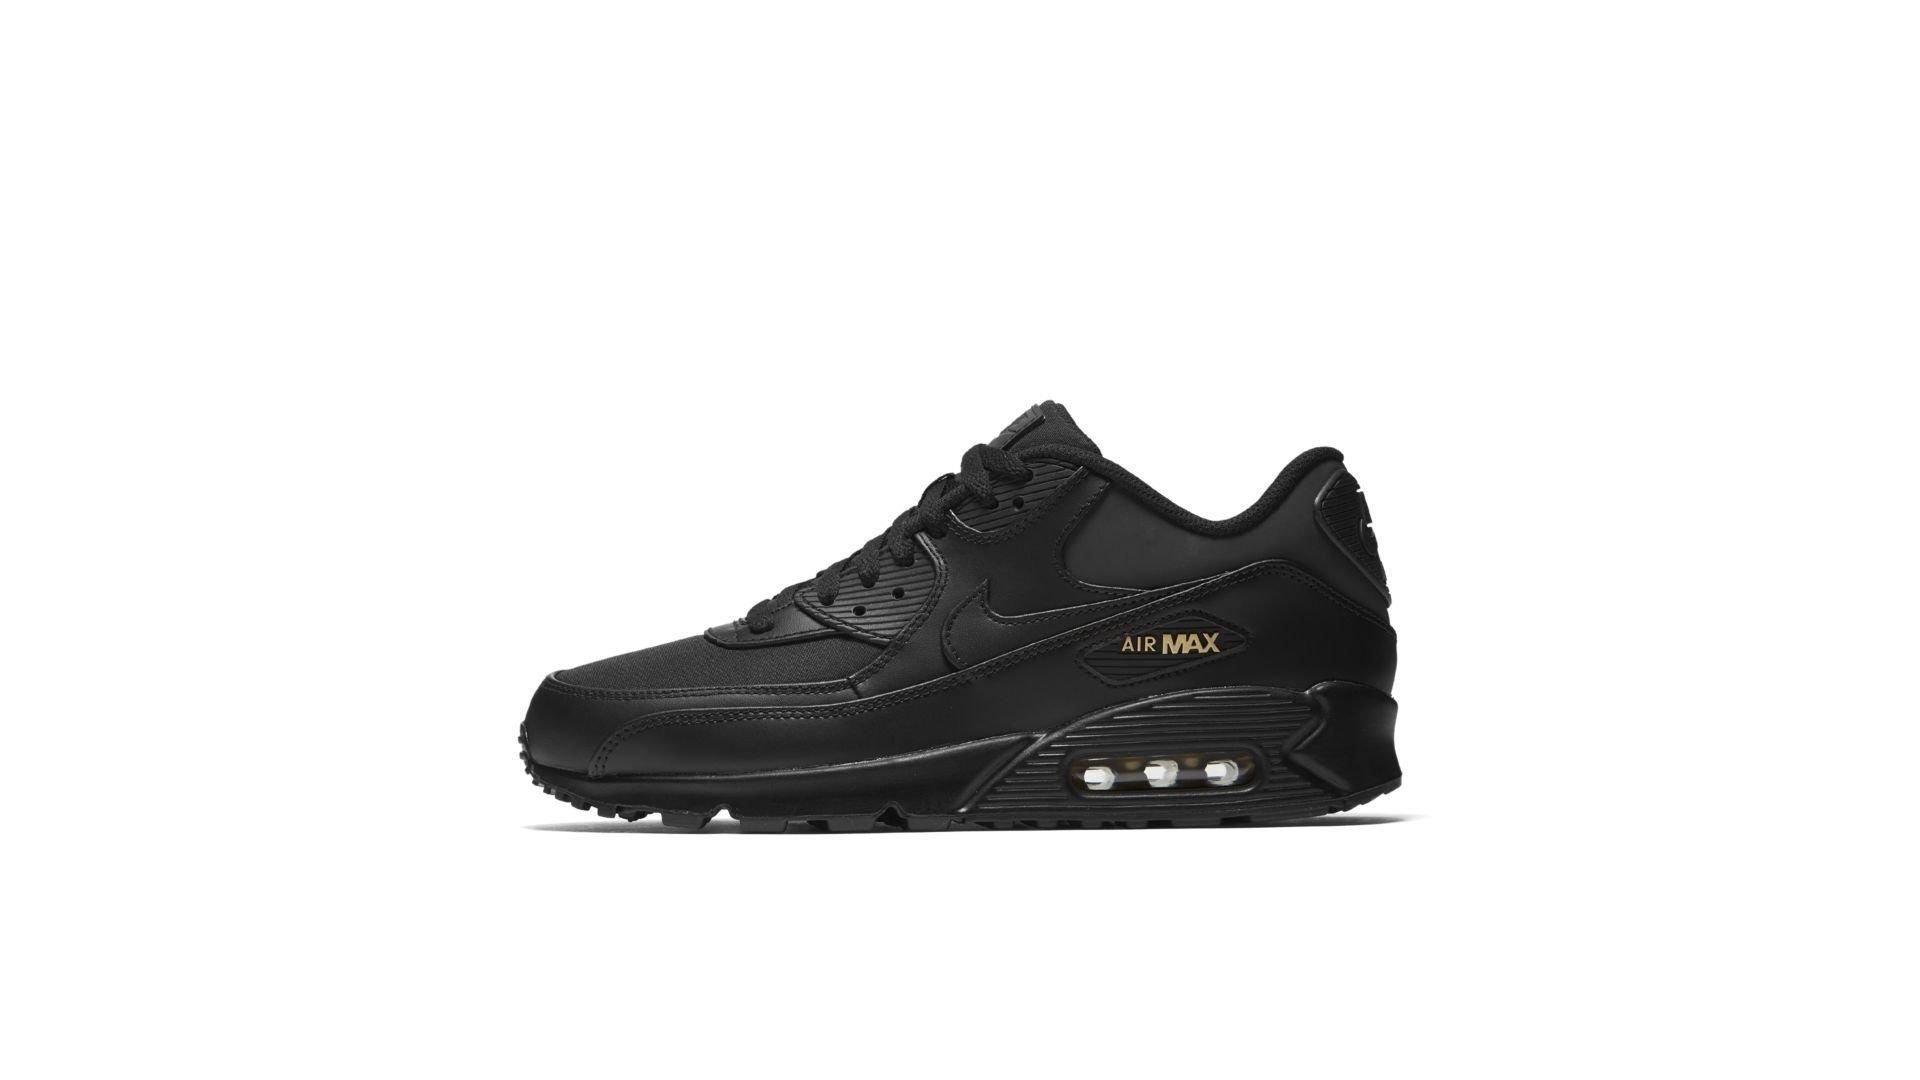 """Nike Air Max 90 Premium """"Black Friday Pack"""" (700155-011)"""